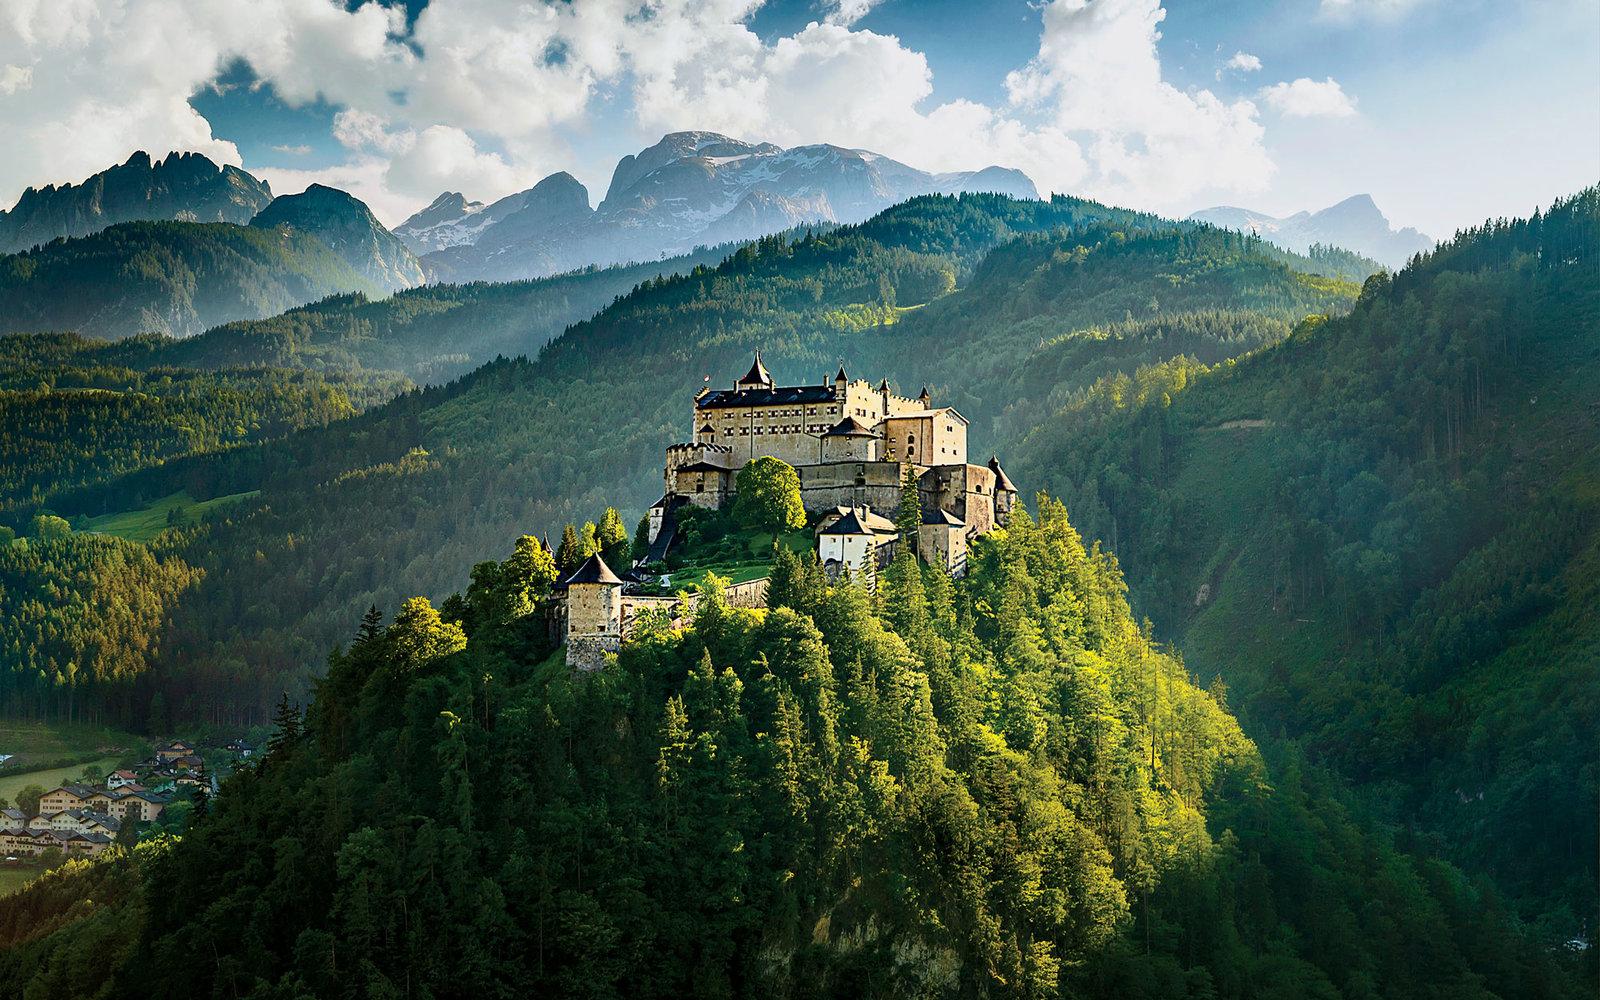 austria-europe-tour-package-3.jpg